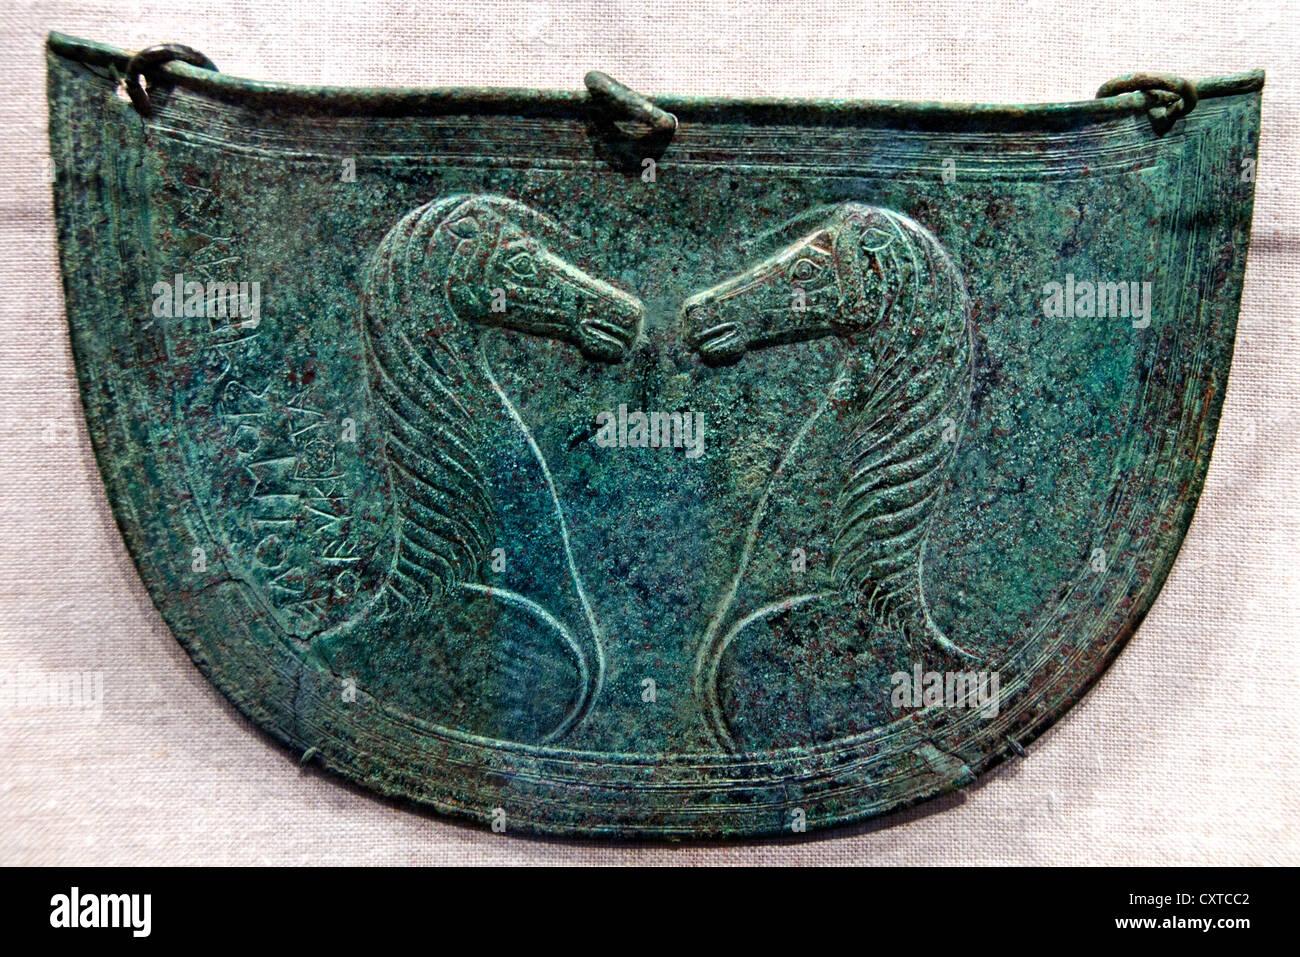 Bronze Mitrai Bauch Wachen für Pferde-7. Jahrhundert v. Chr. 7 Kreta Kreta Griechisch Griechenland Stockbild